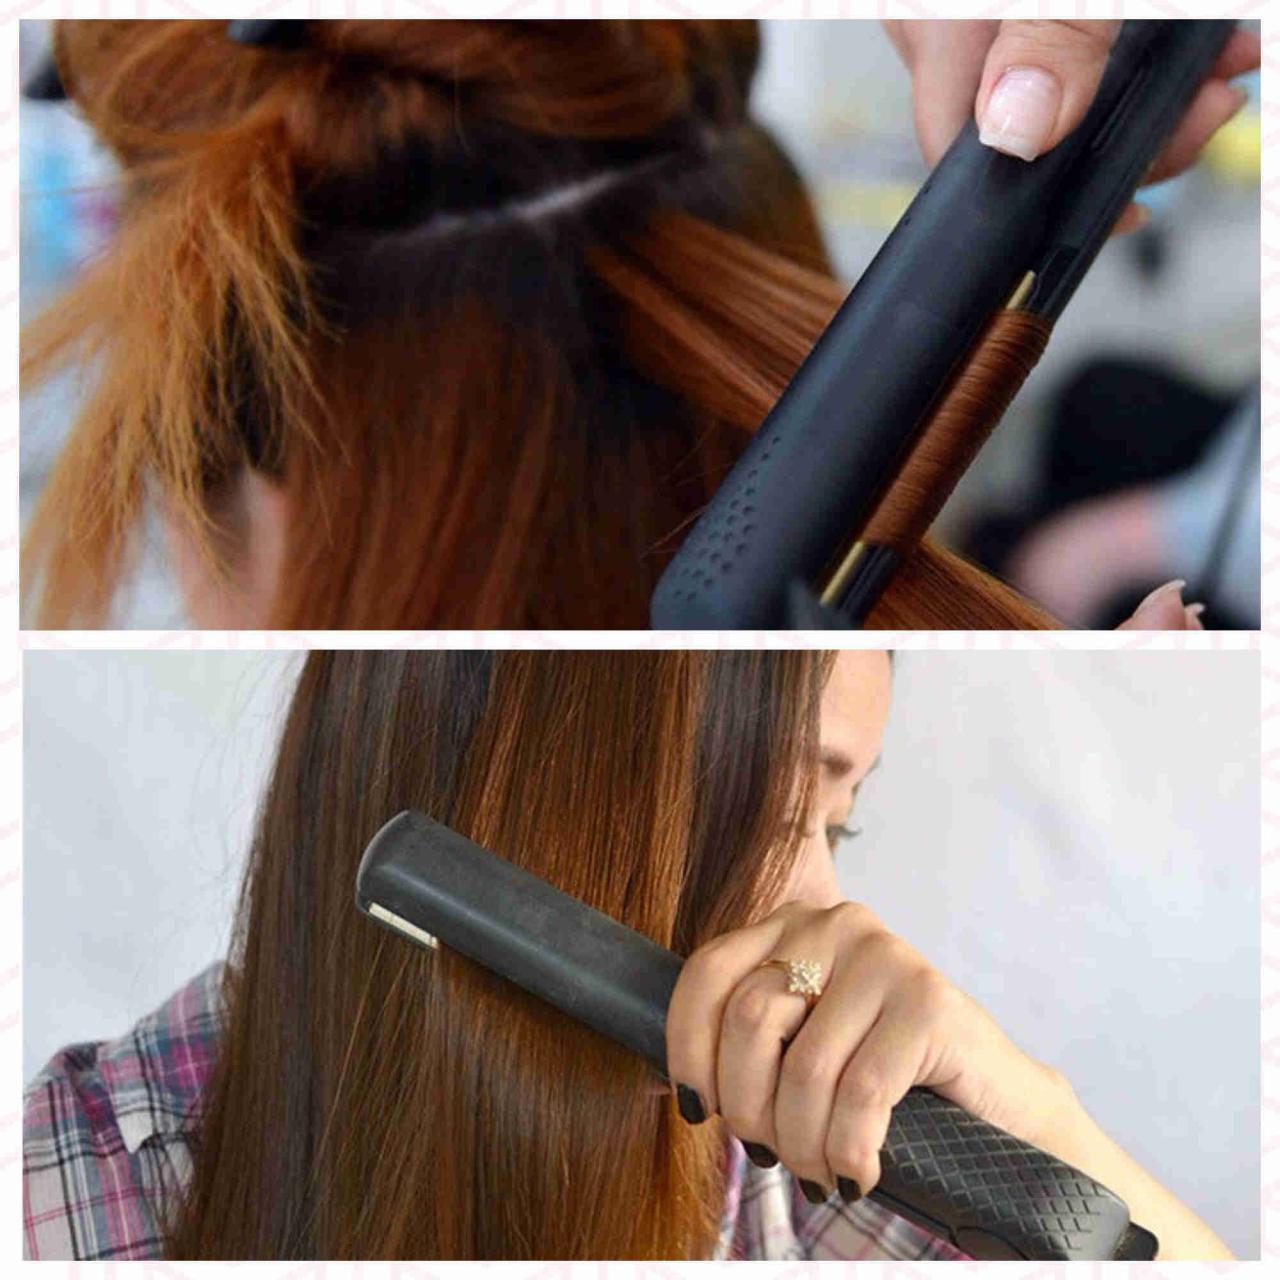 بالصور احسن مكواة شعر , افضل انواع مكواة الشعر 1052 8